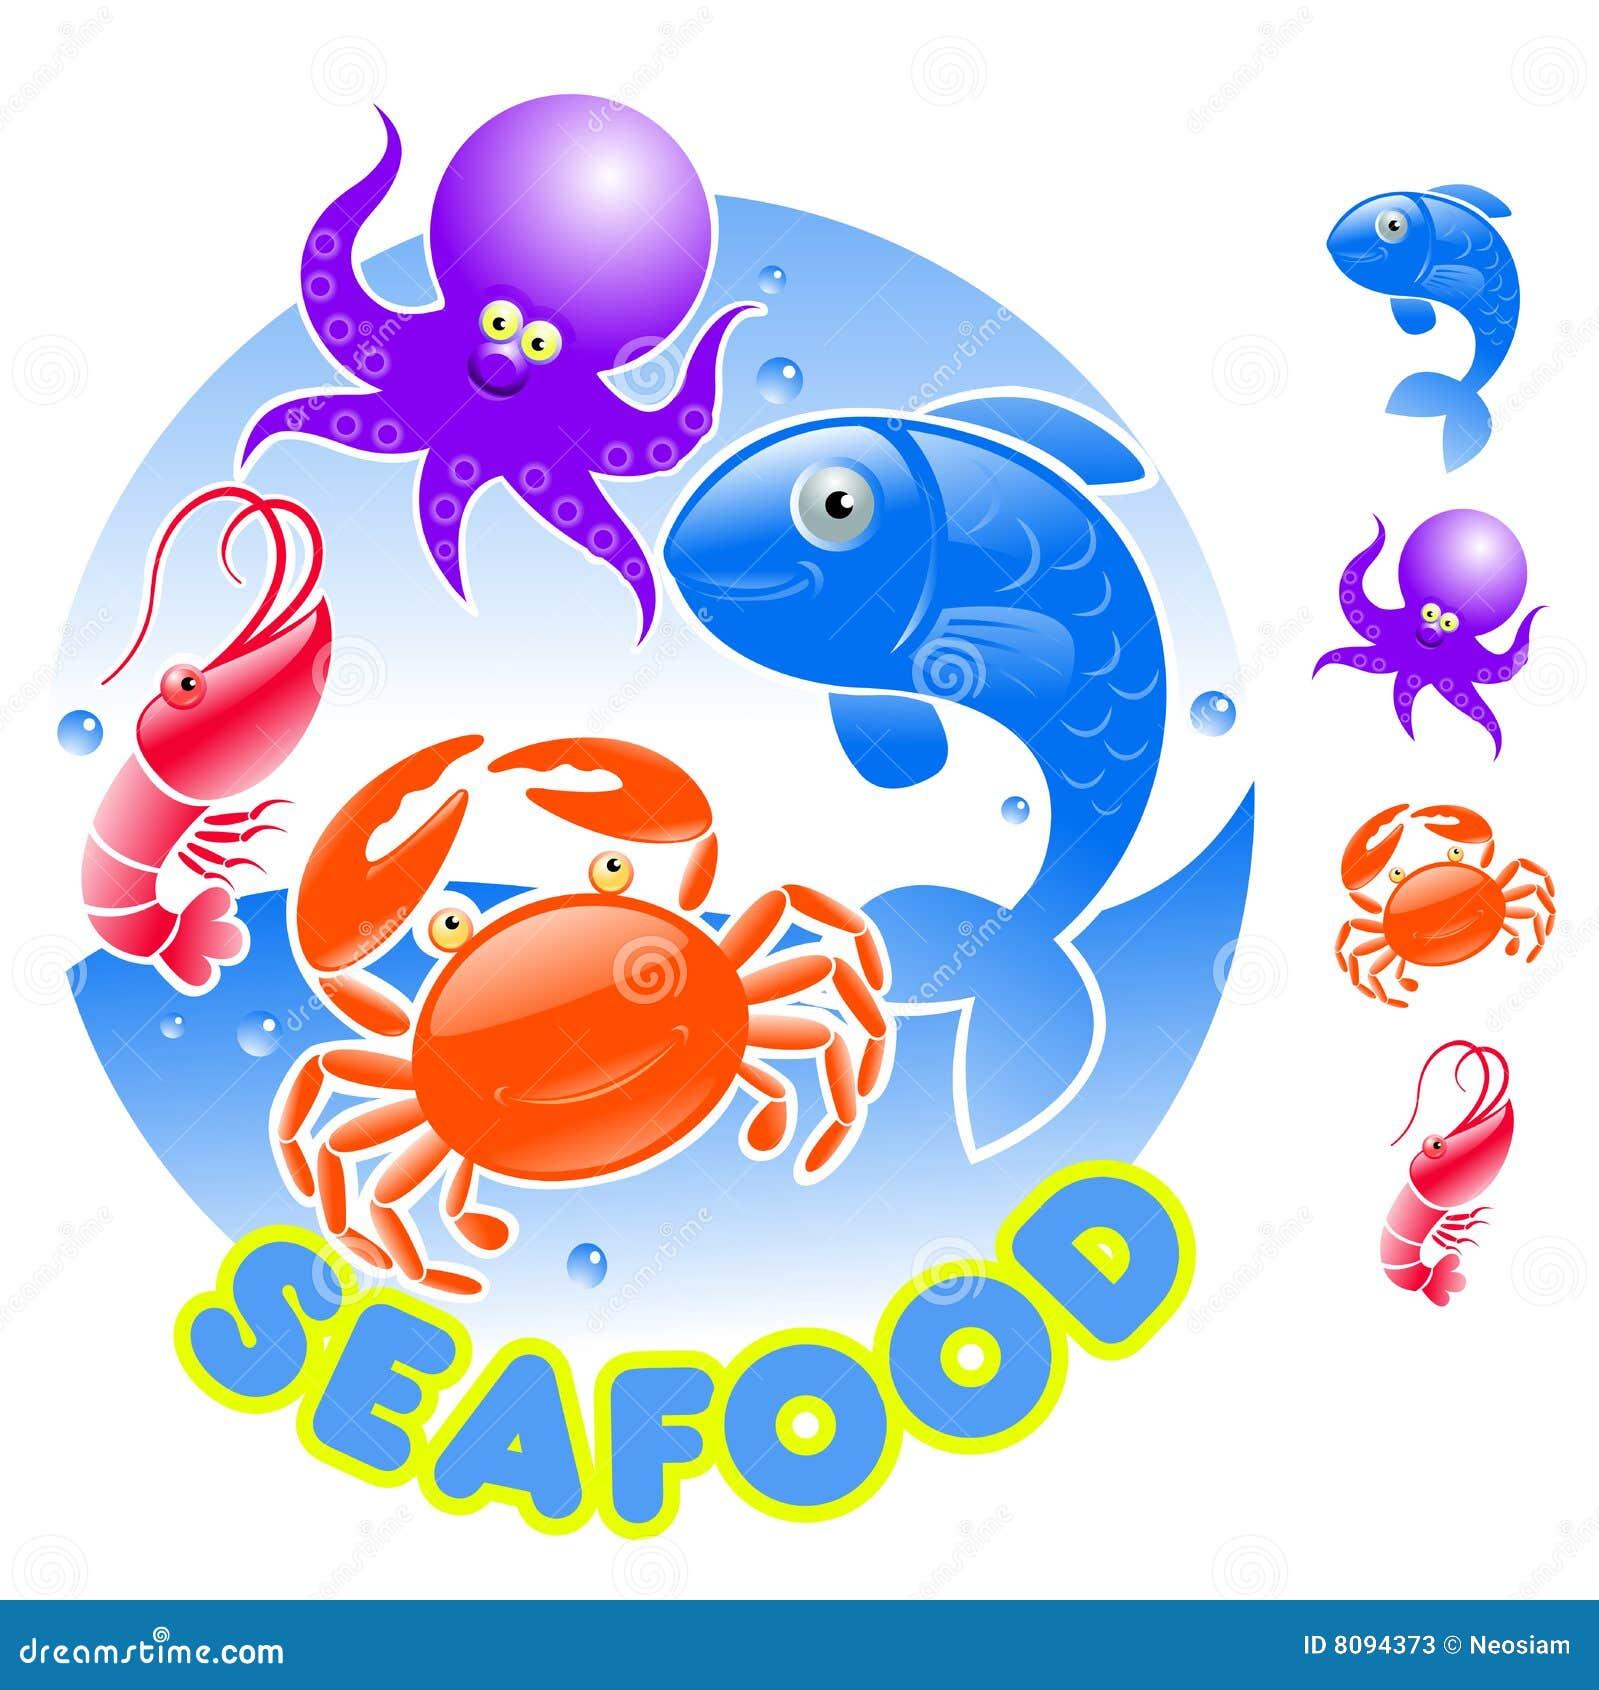 cartoon seafood logo stock photos   image 8094373